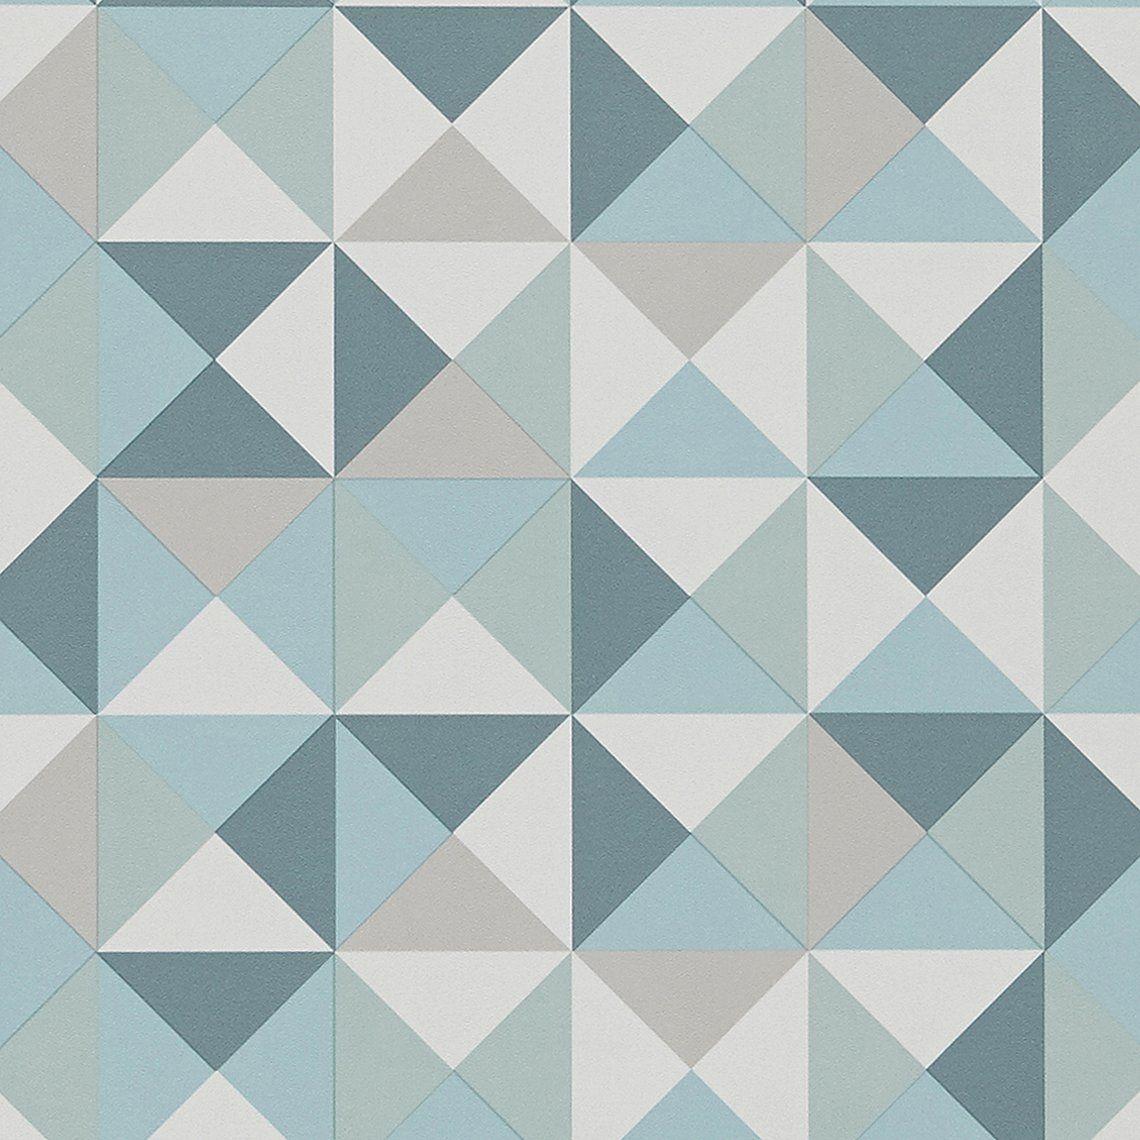 Papier peint ACAPULCO, vinyle sur intissé motif géométrique, vert d'eau en 2020 | Papier peint ...